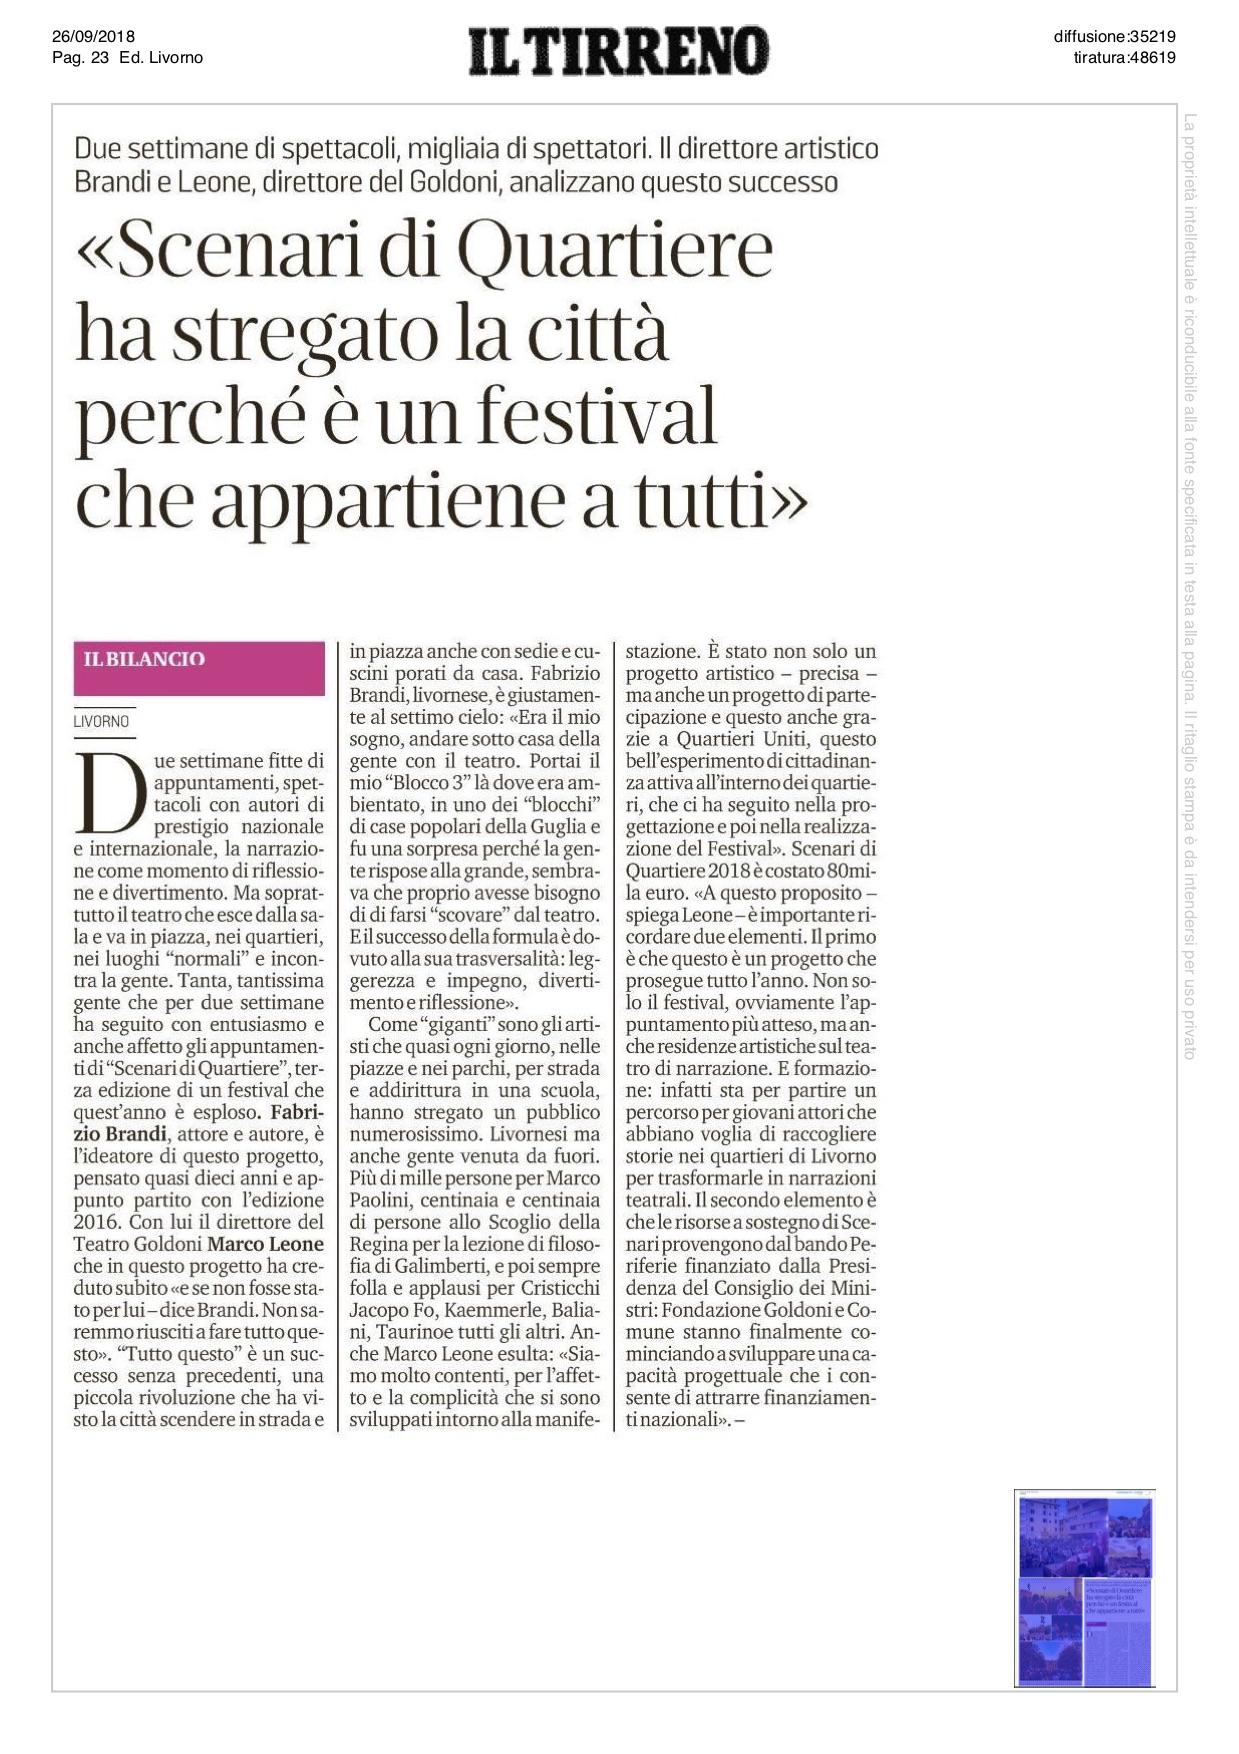 20180926_Tirreno